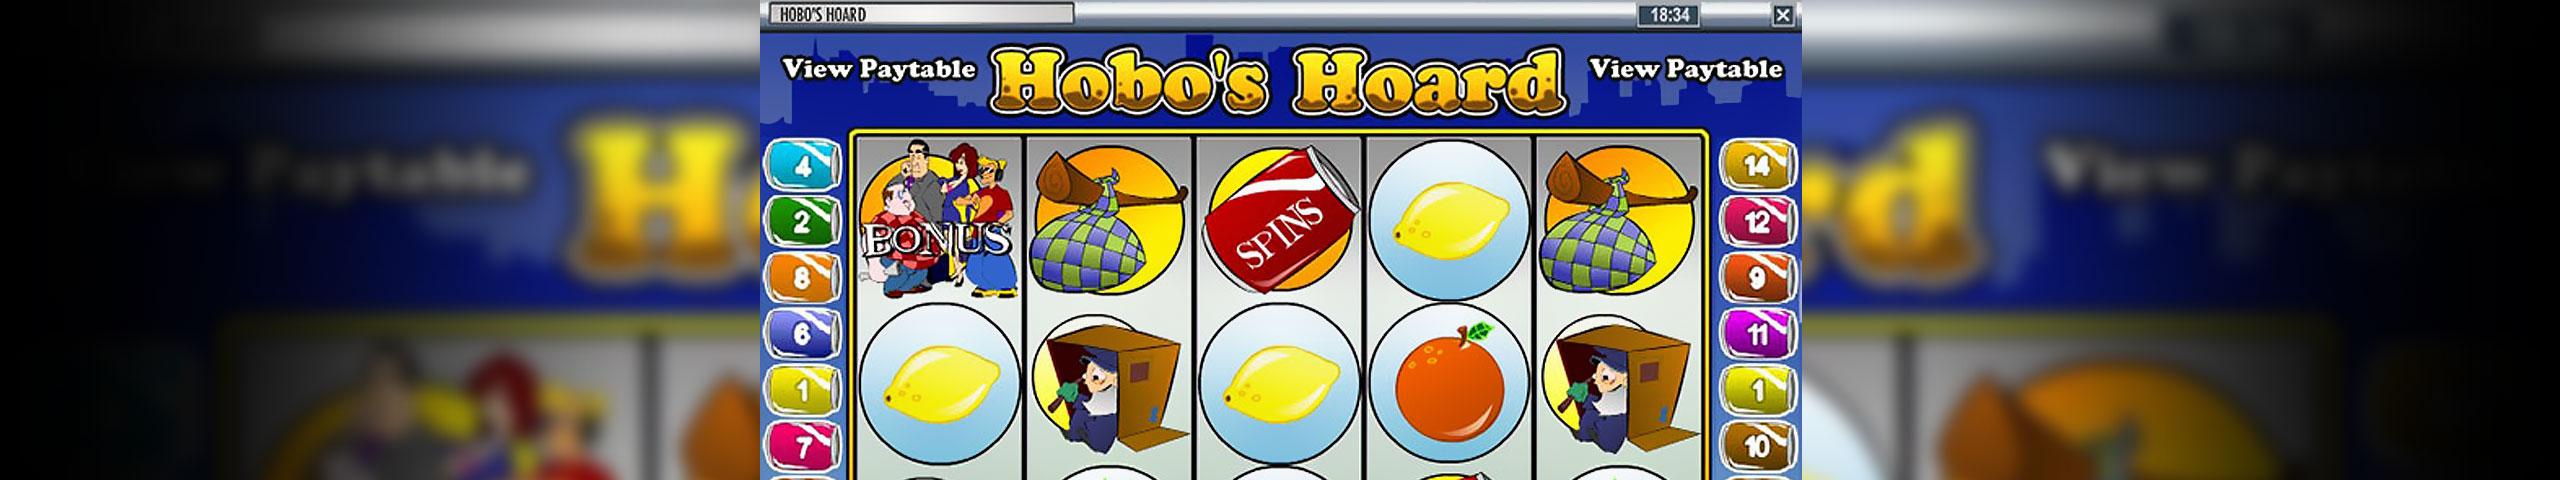 Spelautomater Hobo's Hoard, Rival Gaming Slider - Wyrmspel.com